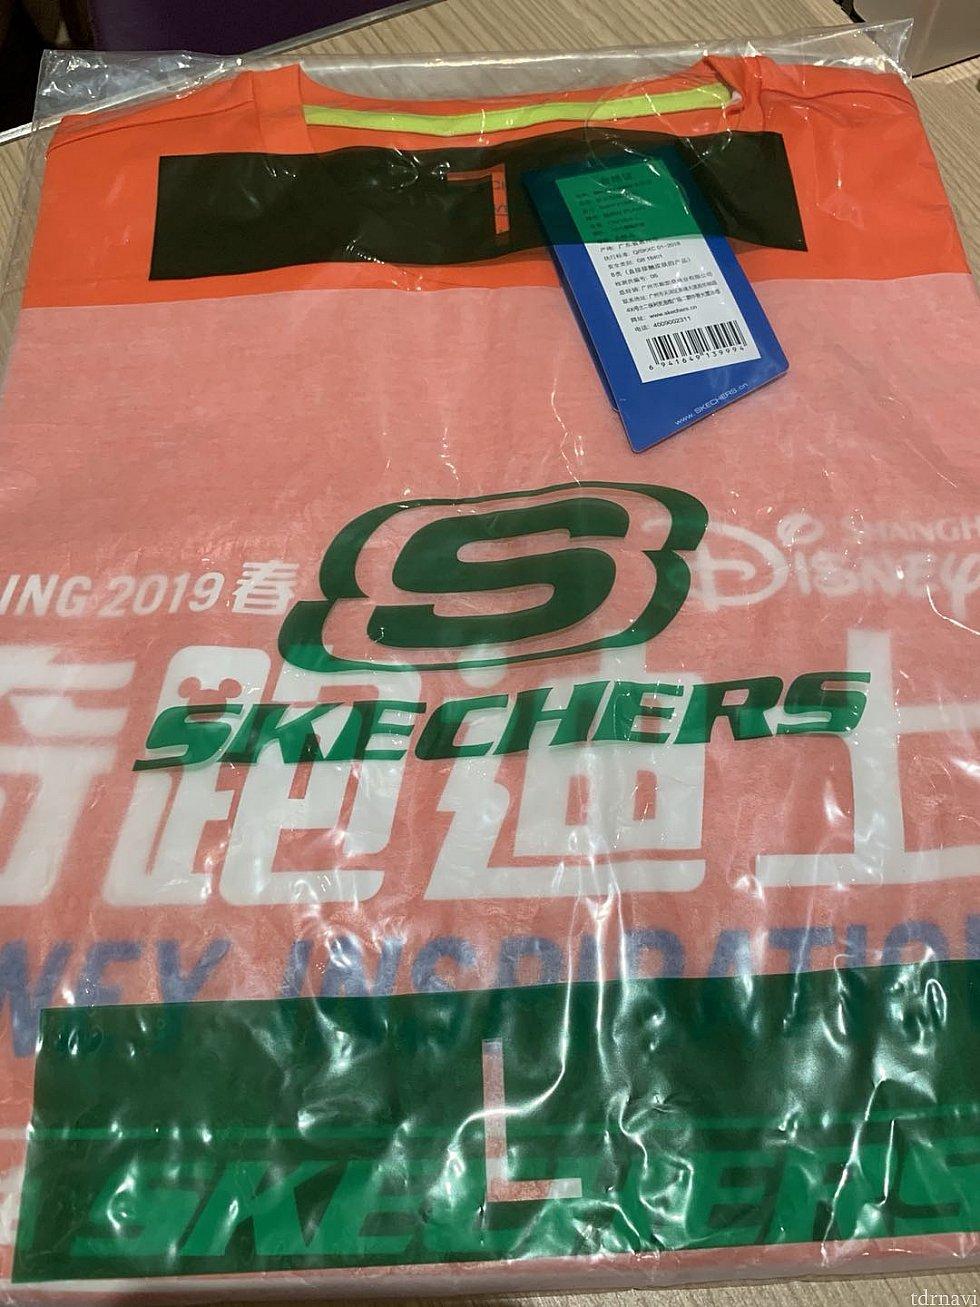 10kmのTシャツはオレンジでした。 他のスポンサー商品は同じでした。